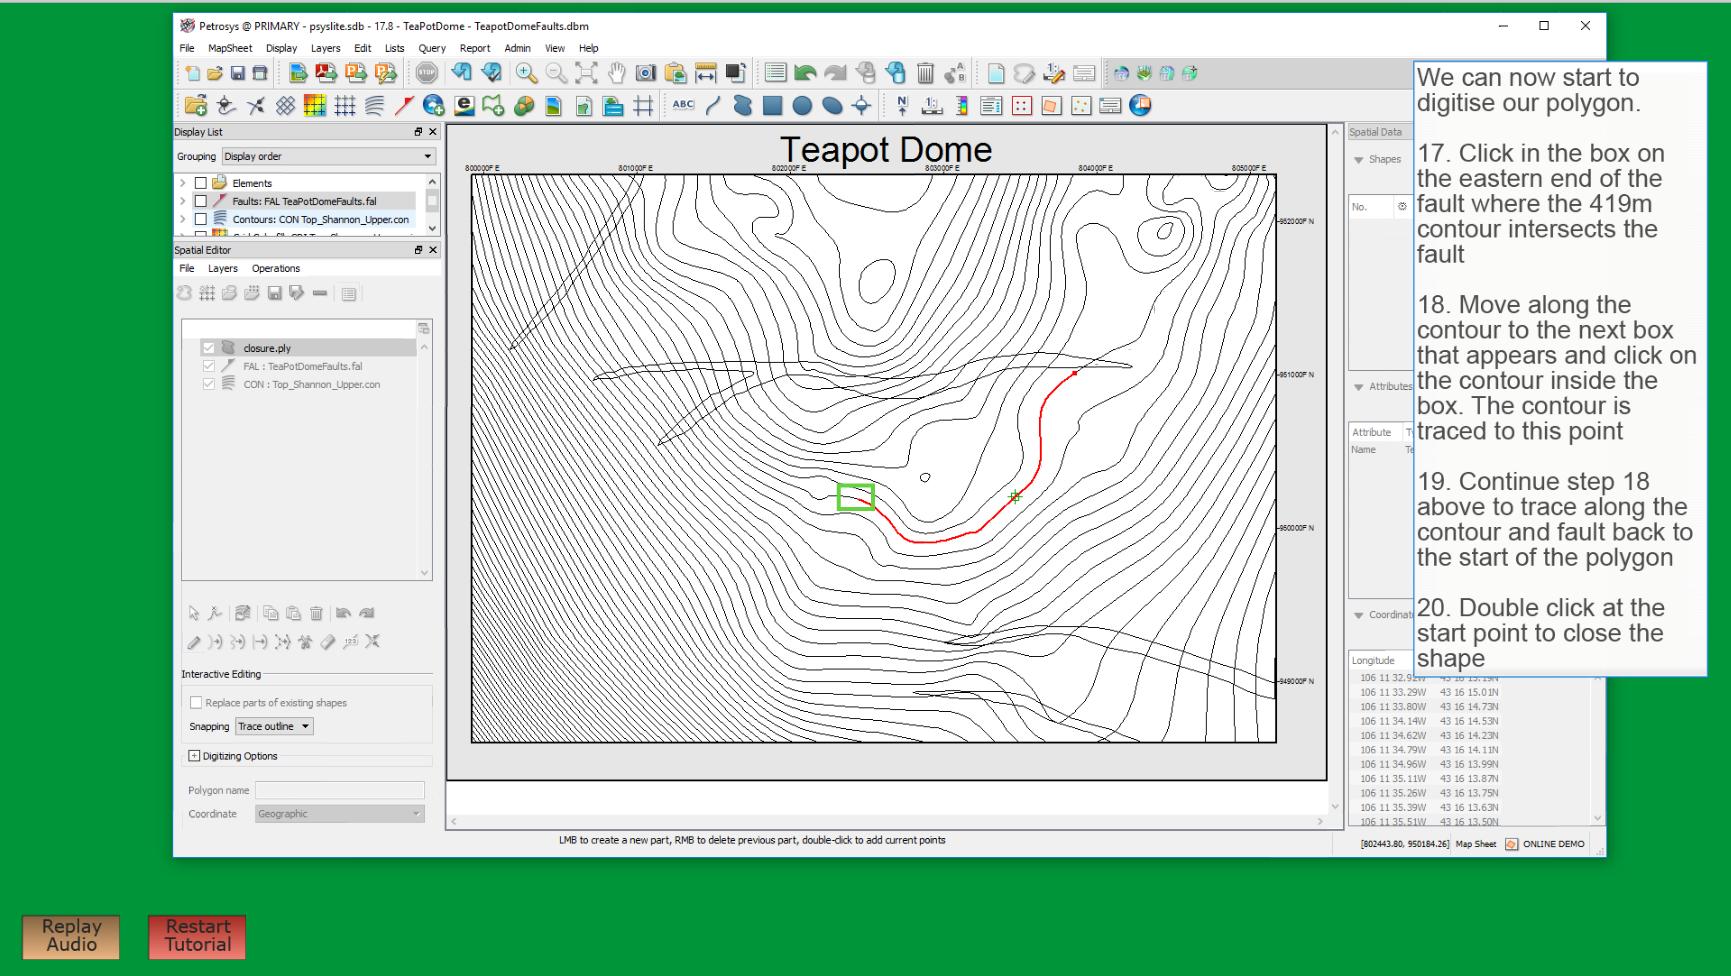 spatial_editor_course